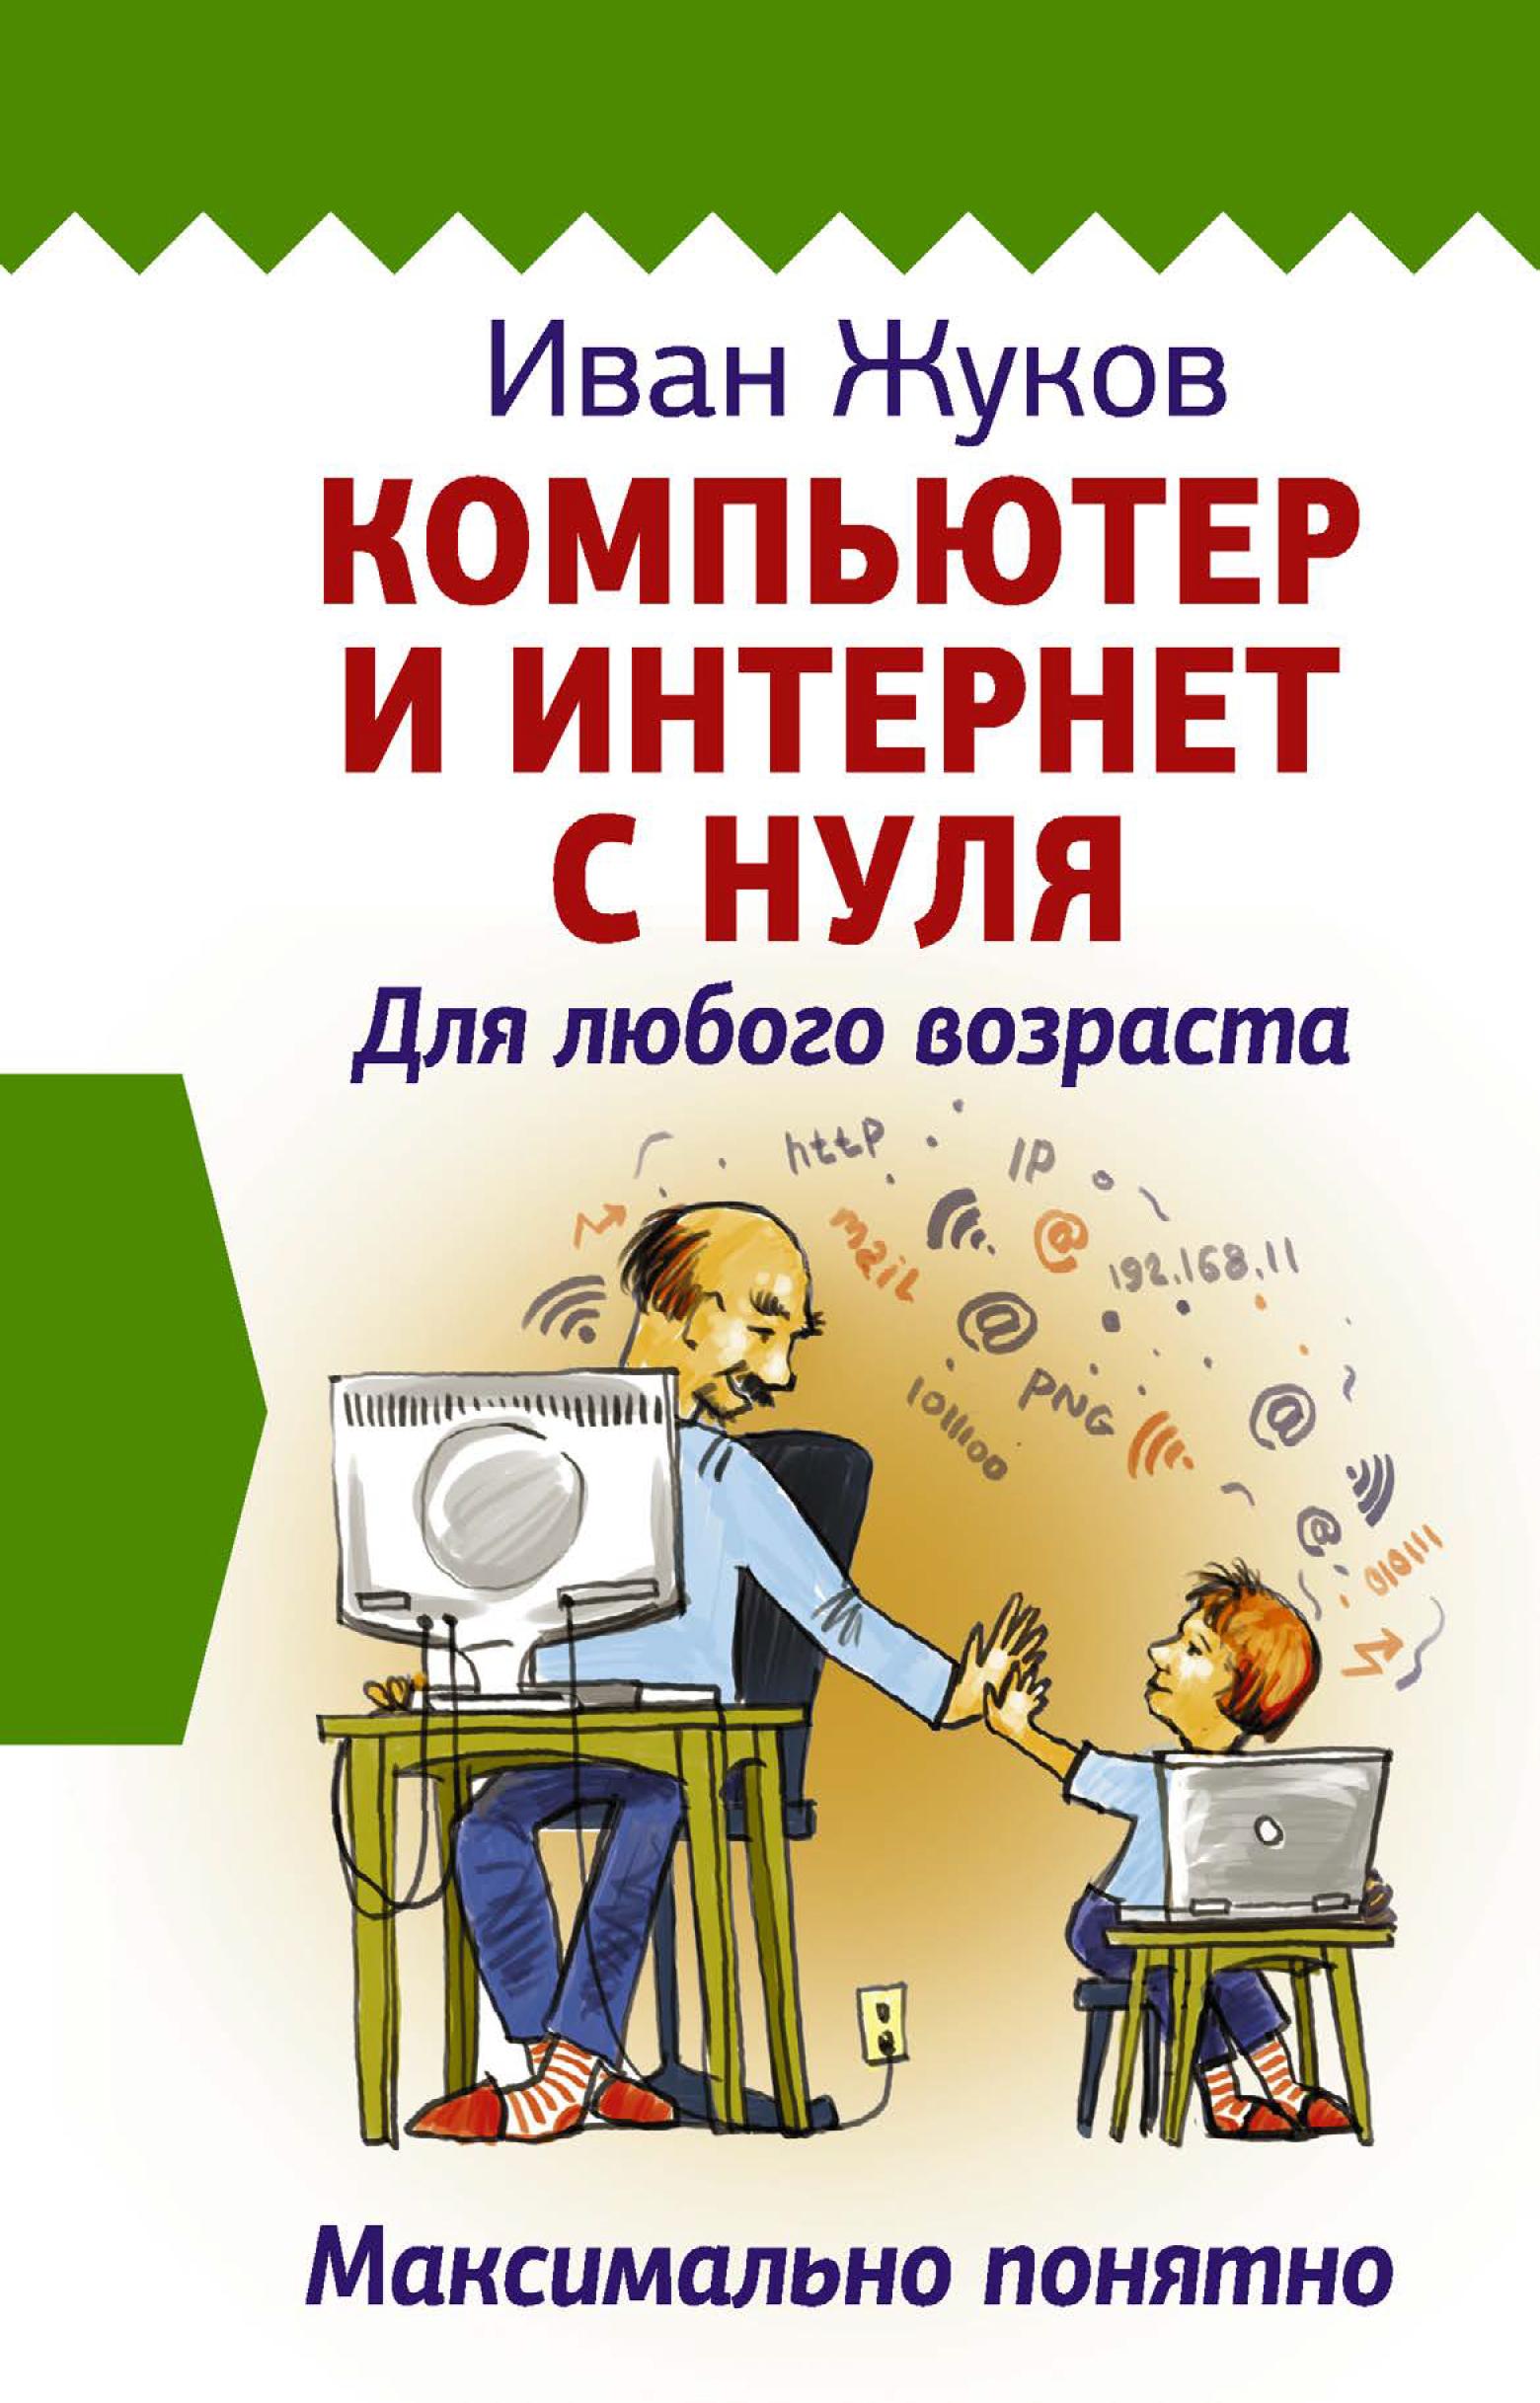 Иван Жуков Компьютер и Интернет с нуля. Для любого возраста. Максимально понятно иван жуков компьютер начинаем с нуля просто и понятно в любом возрасте